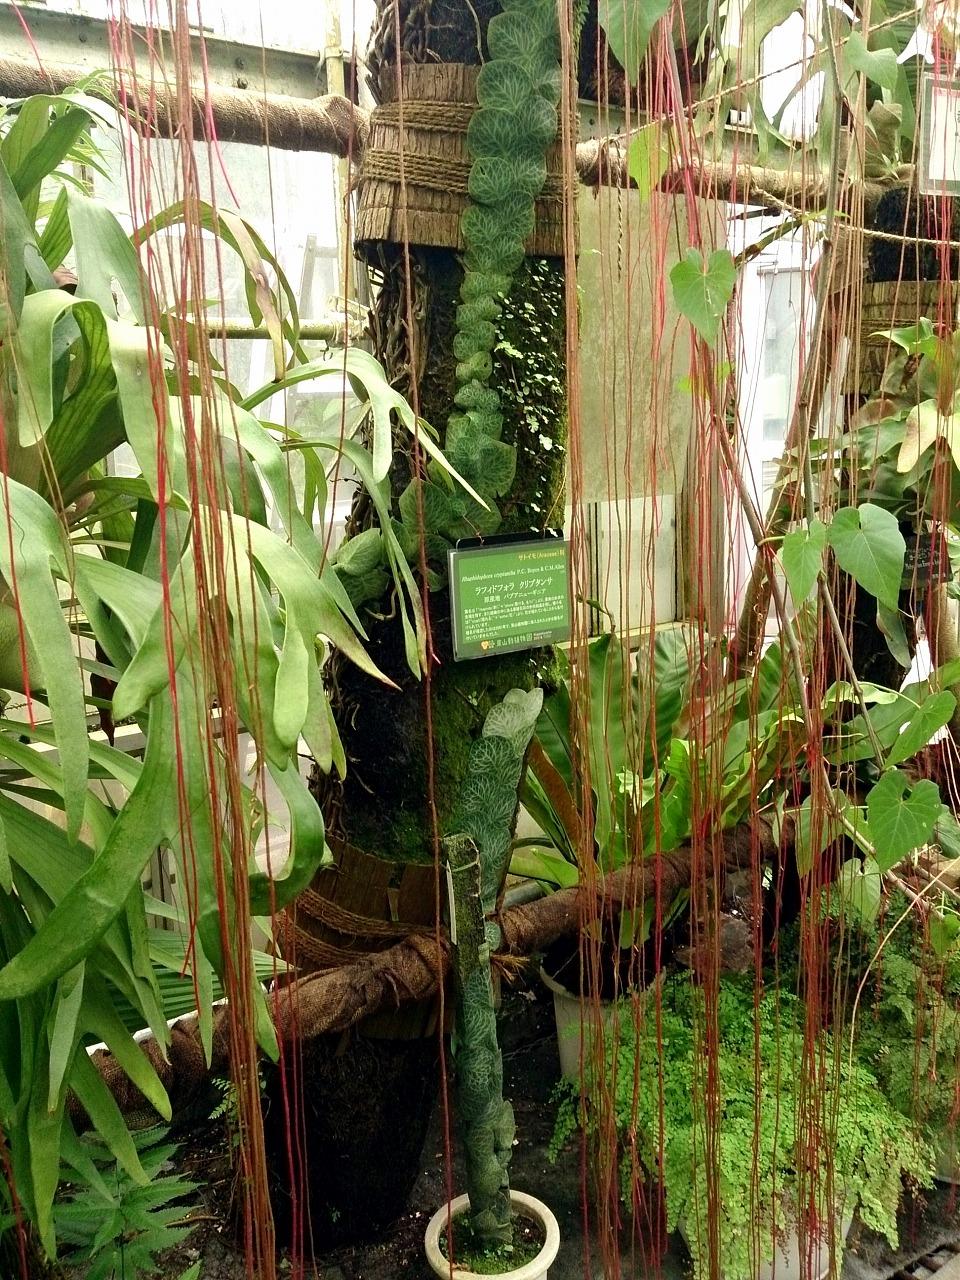 BotanicalGarden120-02_20141115.jpg